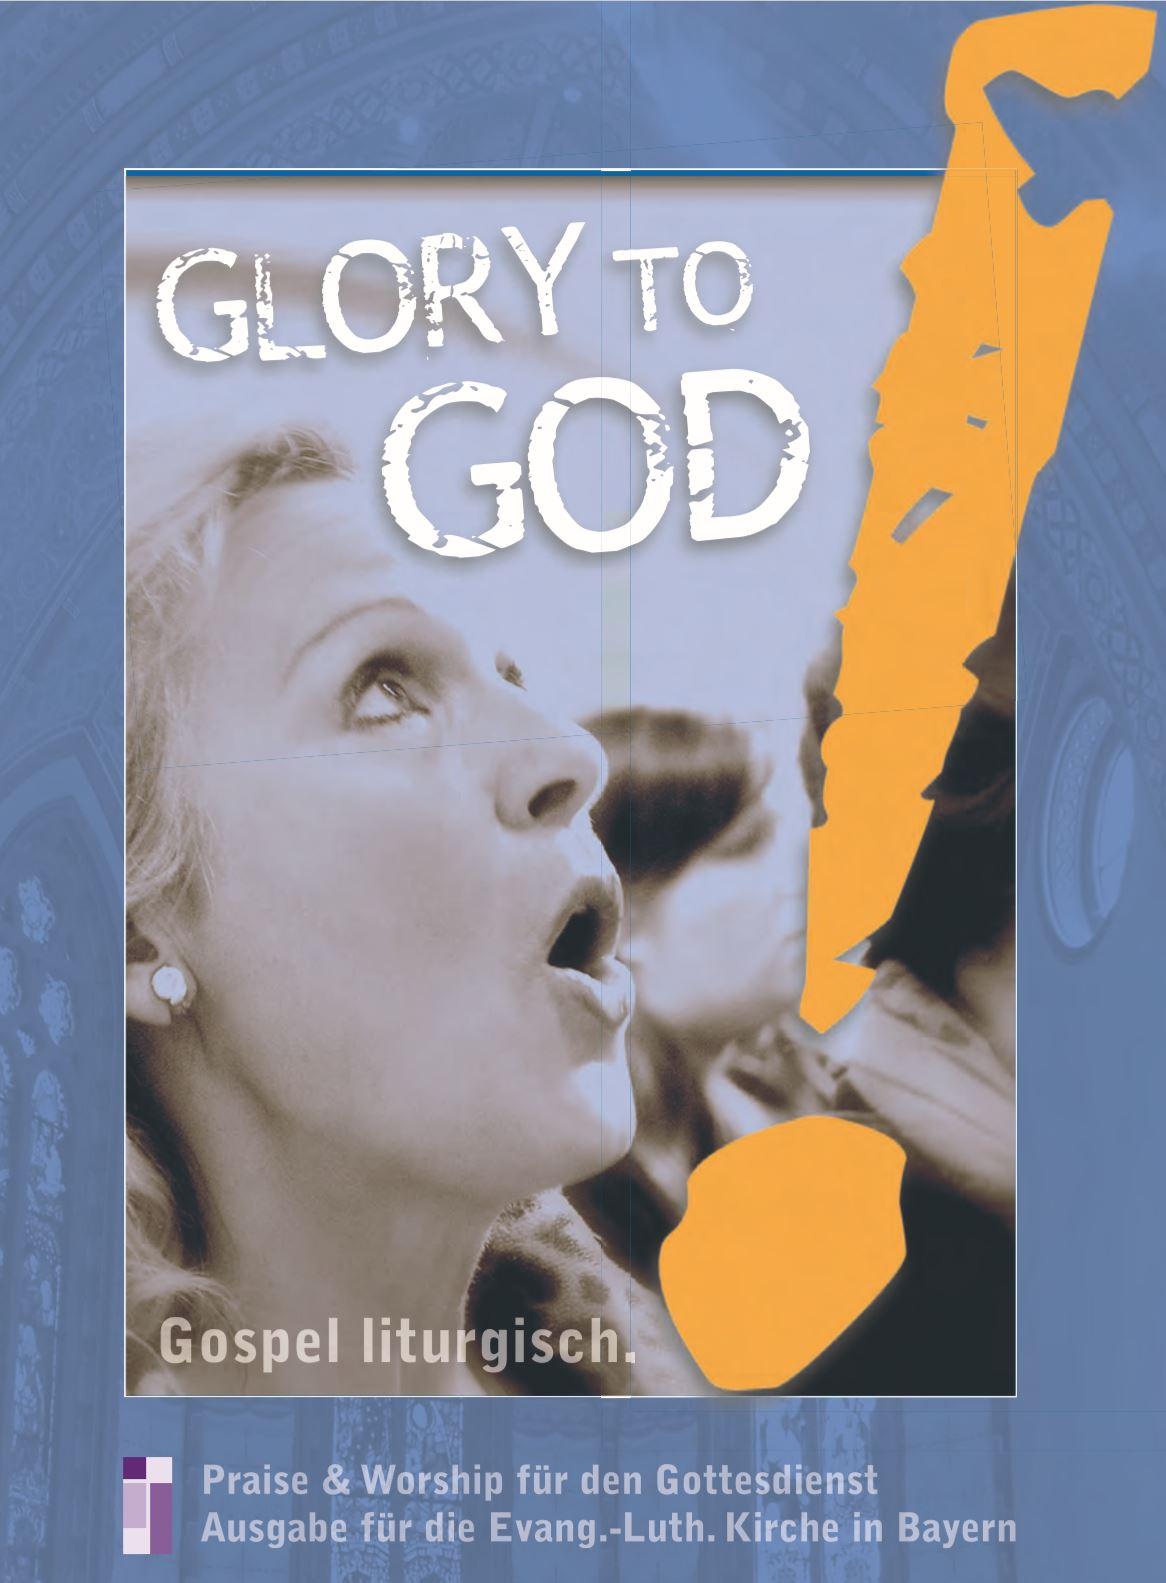 Workshops mit Glory to God 2020: Jetzt anfragen